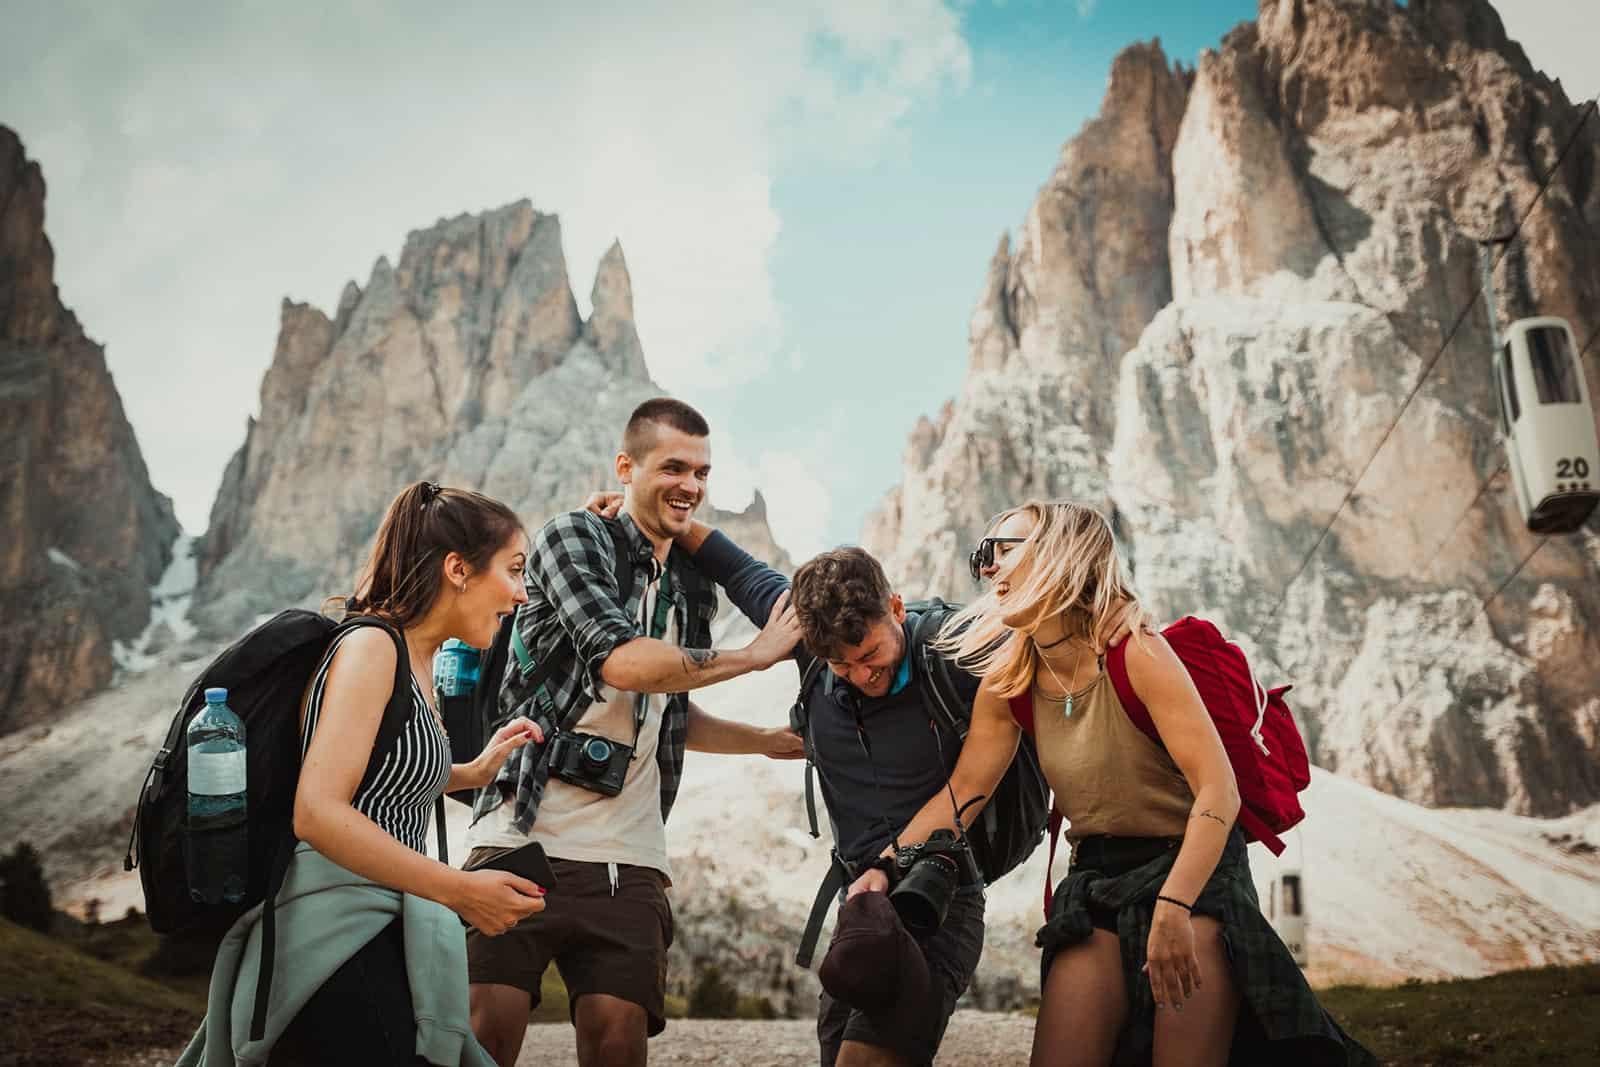 vier lachende Freunde, die beim Wandern im Berg stehen